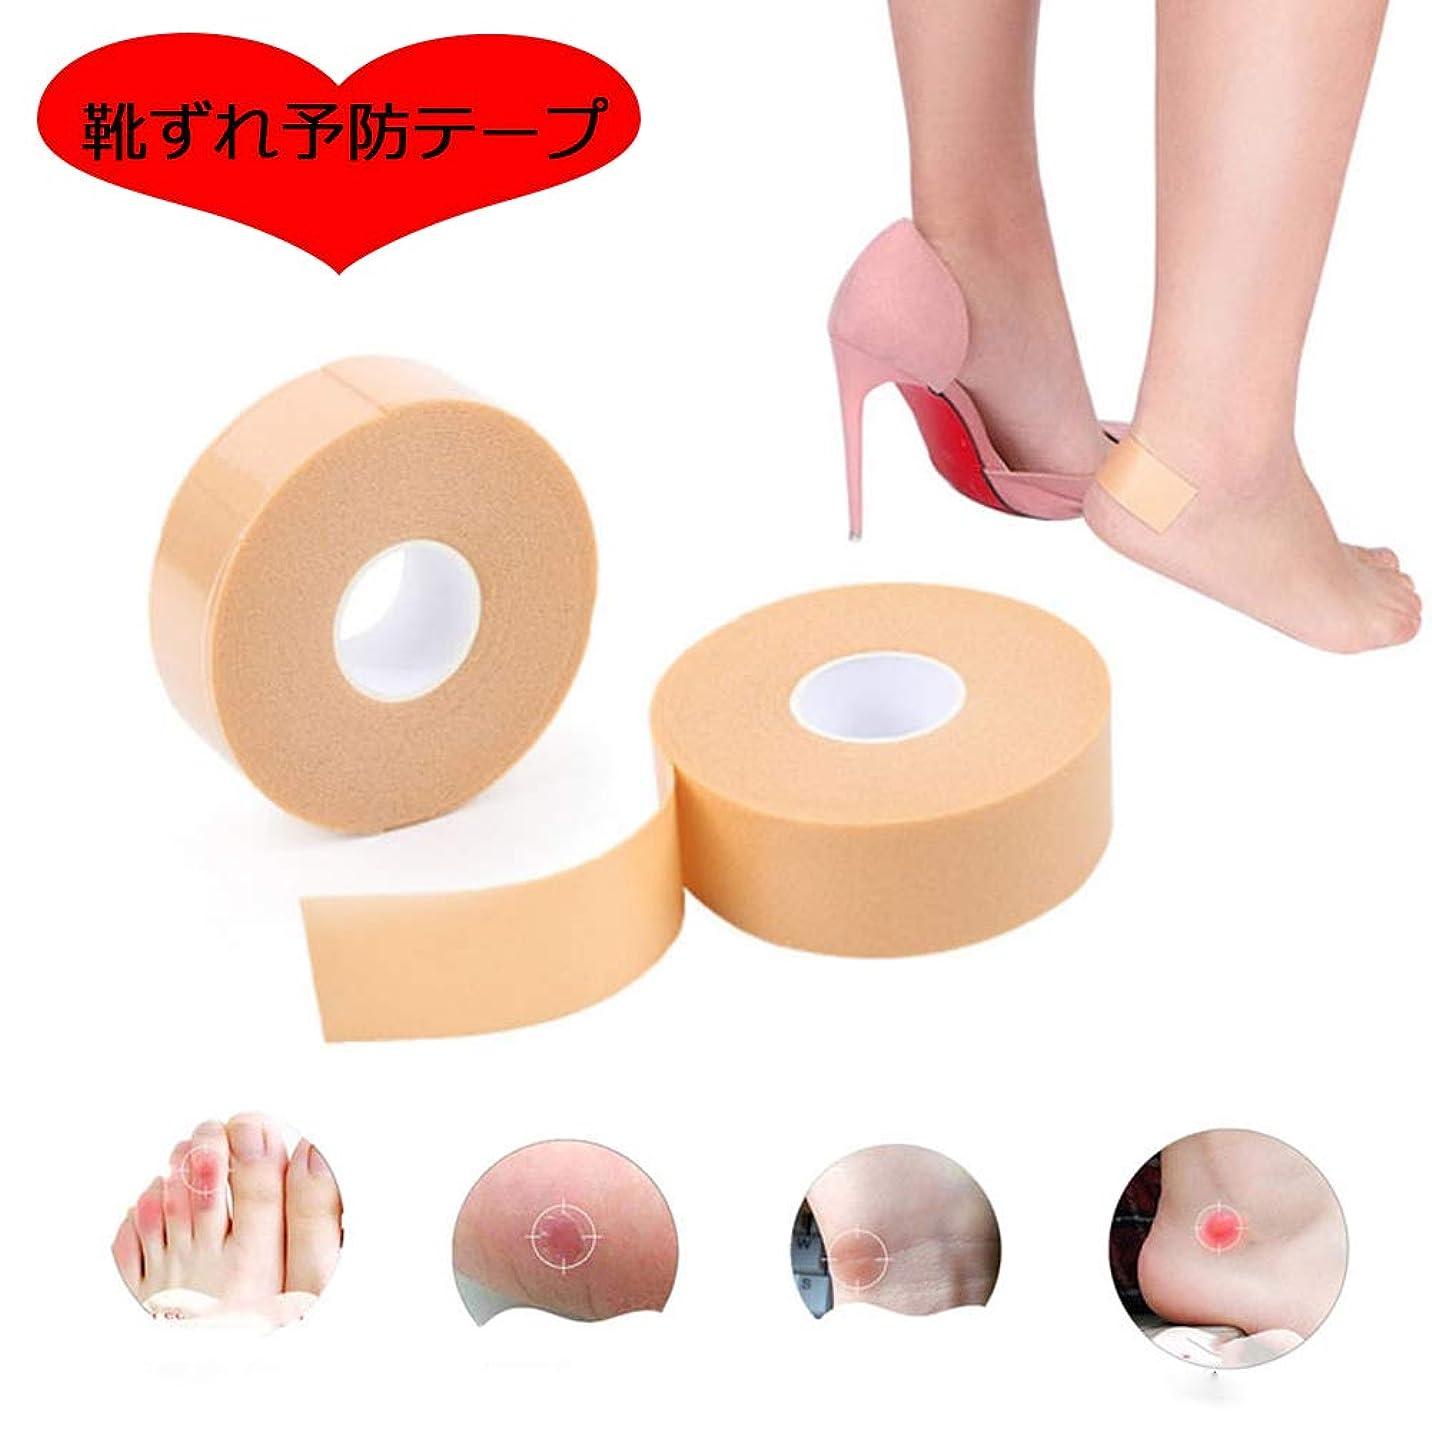 謎めいた始まりアライメント靴ずれ予防テープ EXTSUD 靴擦れ防止 かかと パッド ヒールステッカーテープ 2.5cm*5m グ ラインドフットステッカー 切断可能 防水 かかと保護テープ 肌色 粘着 足痛み軽減 伸縮性抜群 男 女兼用